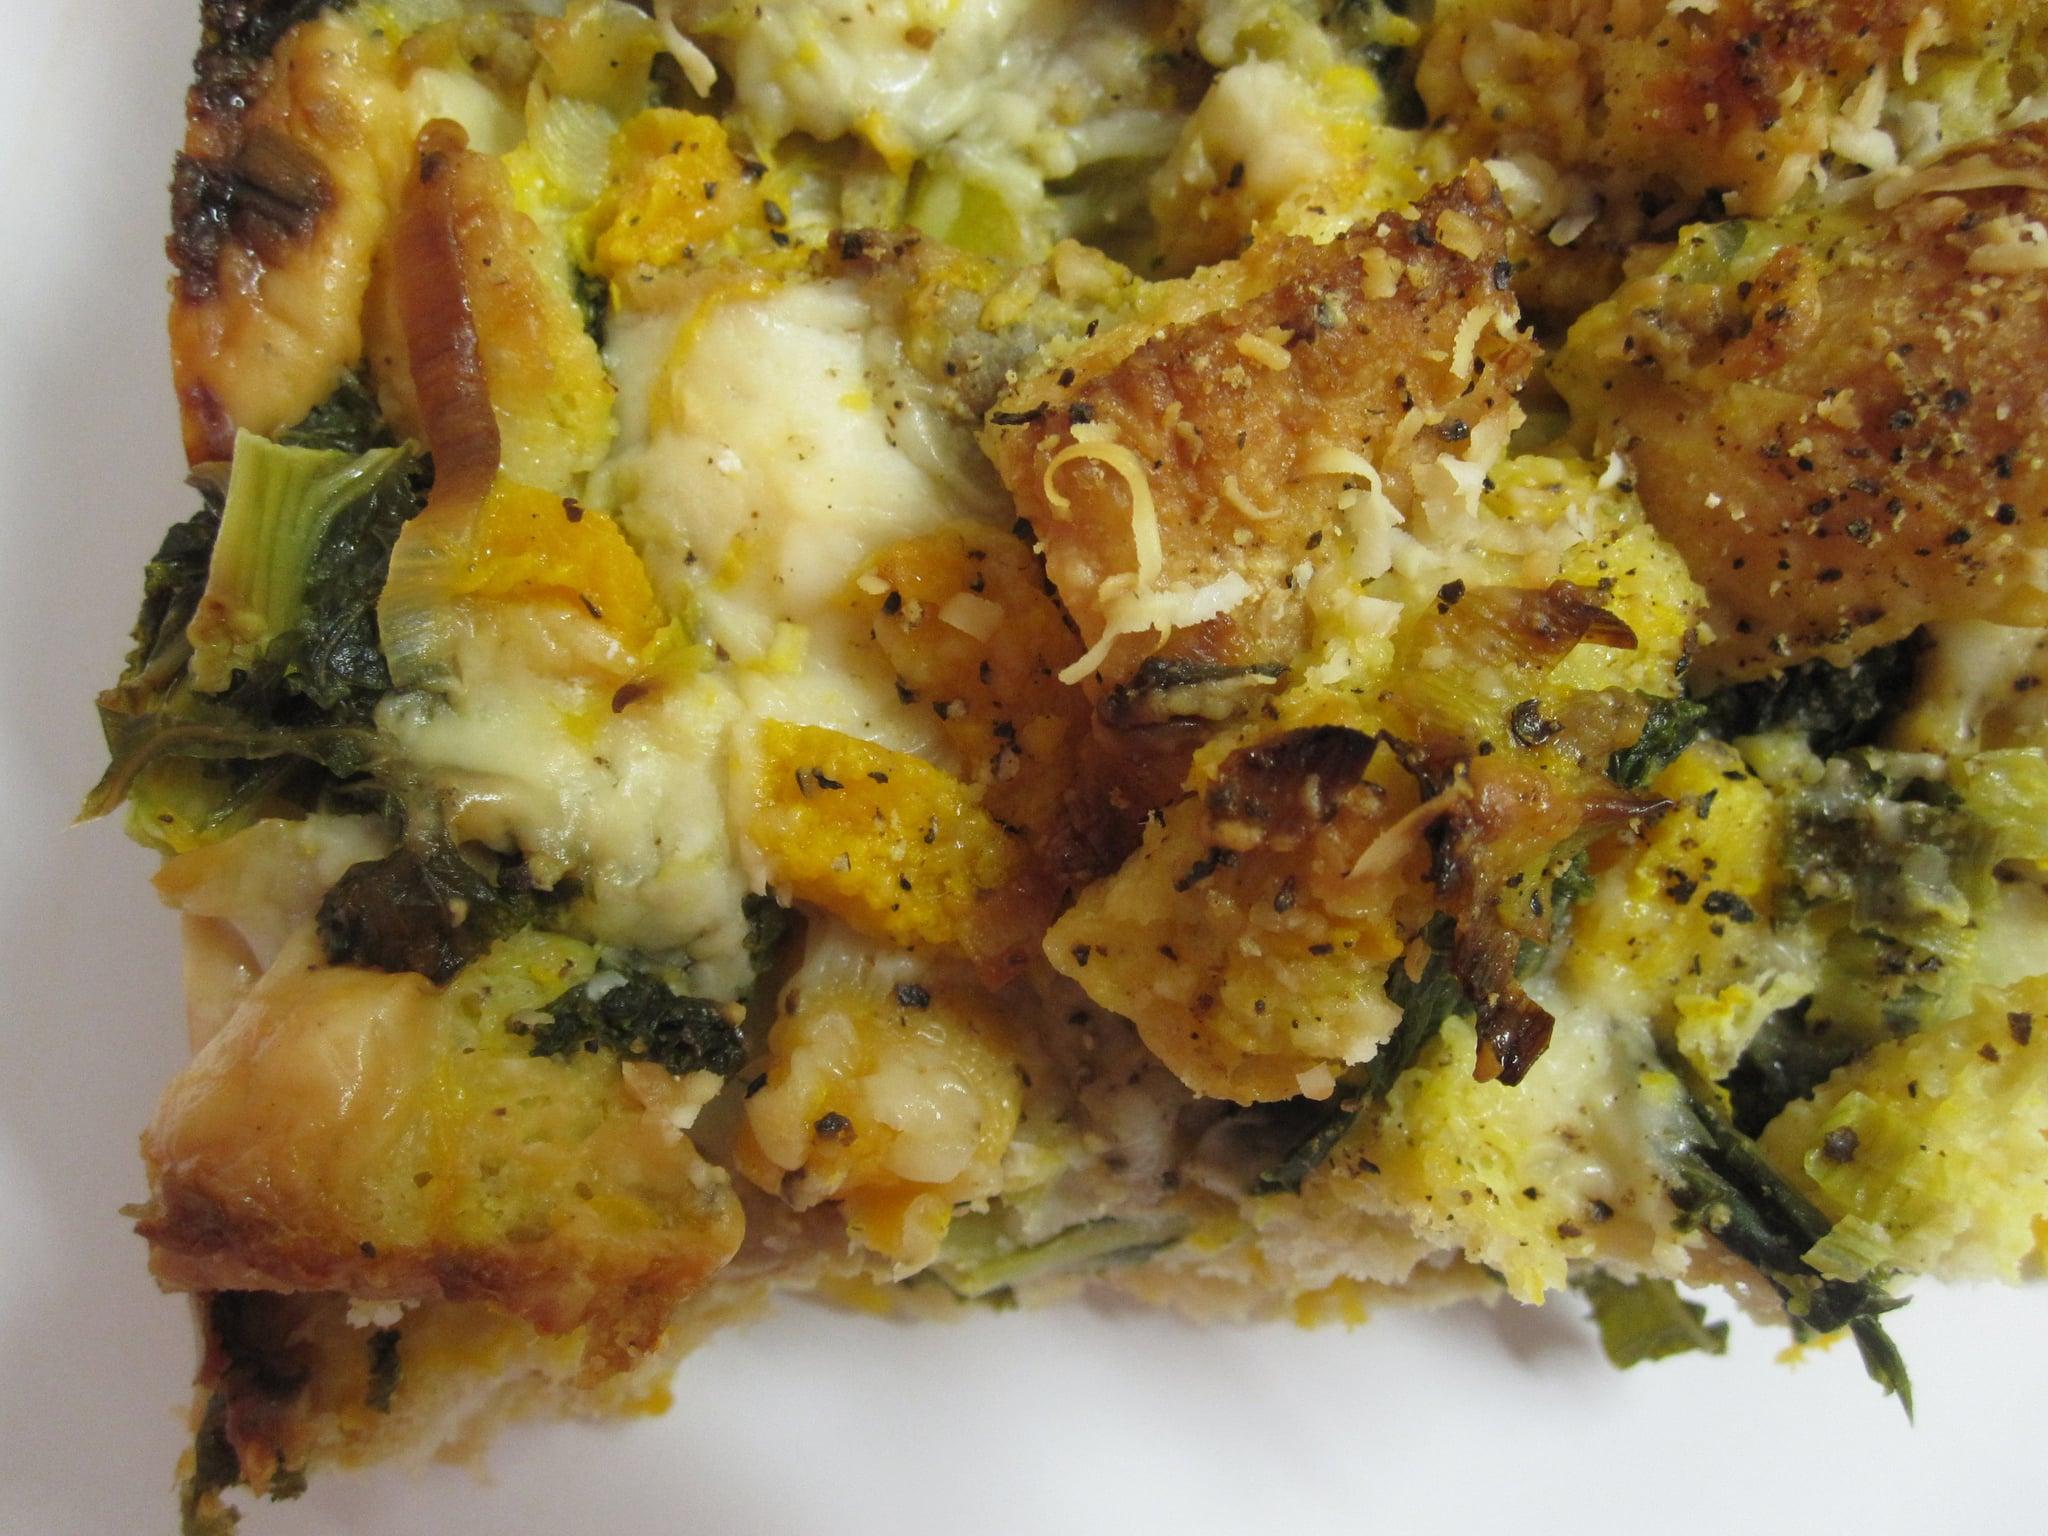 Sausage and Kale Thanksgiving Stuffing